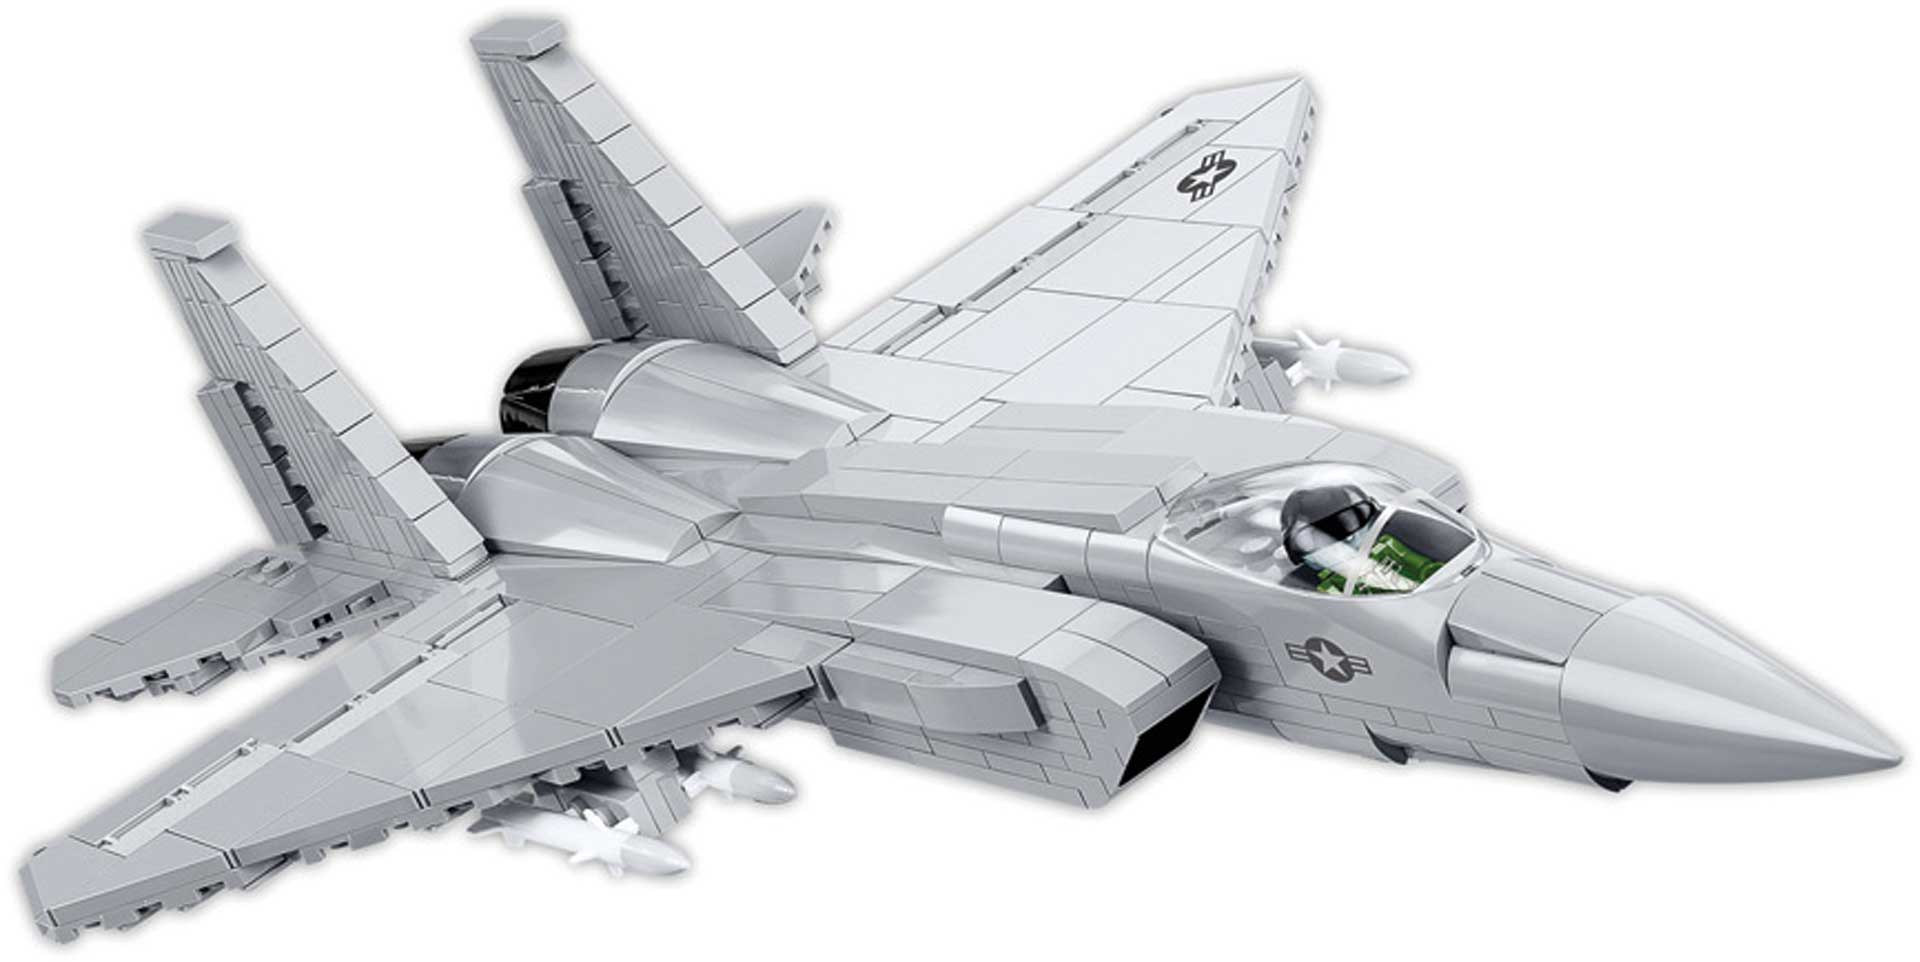 COBI F-15 Eagle (590 Teile) Klemmbausteine